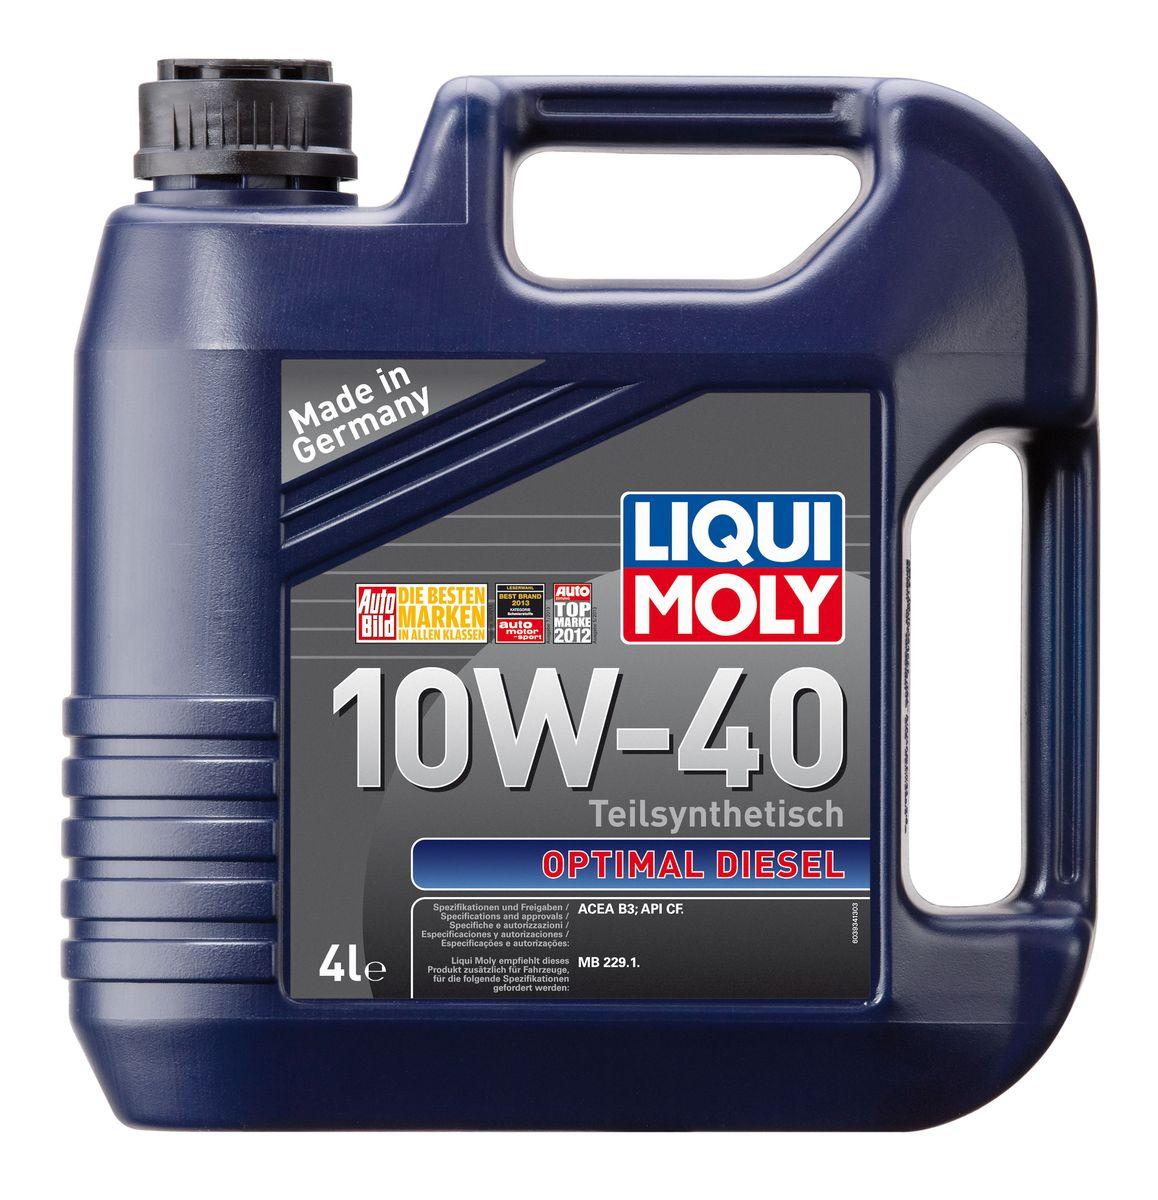 Масло моторное Liqui Moly Optimal Diesel, полусинтетическое, 10W-40, 4 лS03301004Масло моторное Liqui Moly Optimal Diesel - это полусинтетическое моторное масло специально для дизельных двигателей с адаптированным для российских условий пакетом присадок. Удовлетворяет современным международным стандартам API/ACEA. Подходит для широкого круга дизельных иномарок предыдущих поколений. В моторном масле используются синтетические и минеральные базовые компоненты, отличающиеся высокими защитными свойствами. Масло обеспечивает высокий уровень защиты от износа и гарантирует стабильное поступление масла ко всем деталям двигателя.Особенности: - Специальная формула для дизельных двигателей без сажевого фильтра- Надежная защита от износа- Низкий расход масла- Оптимальная чистота двигателя